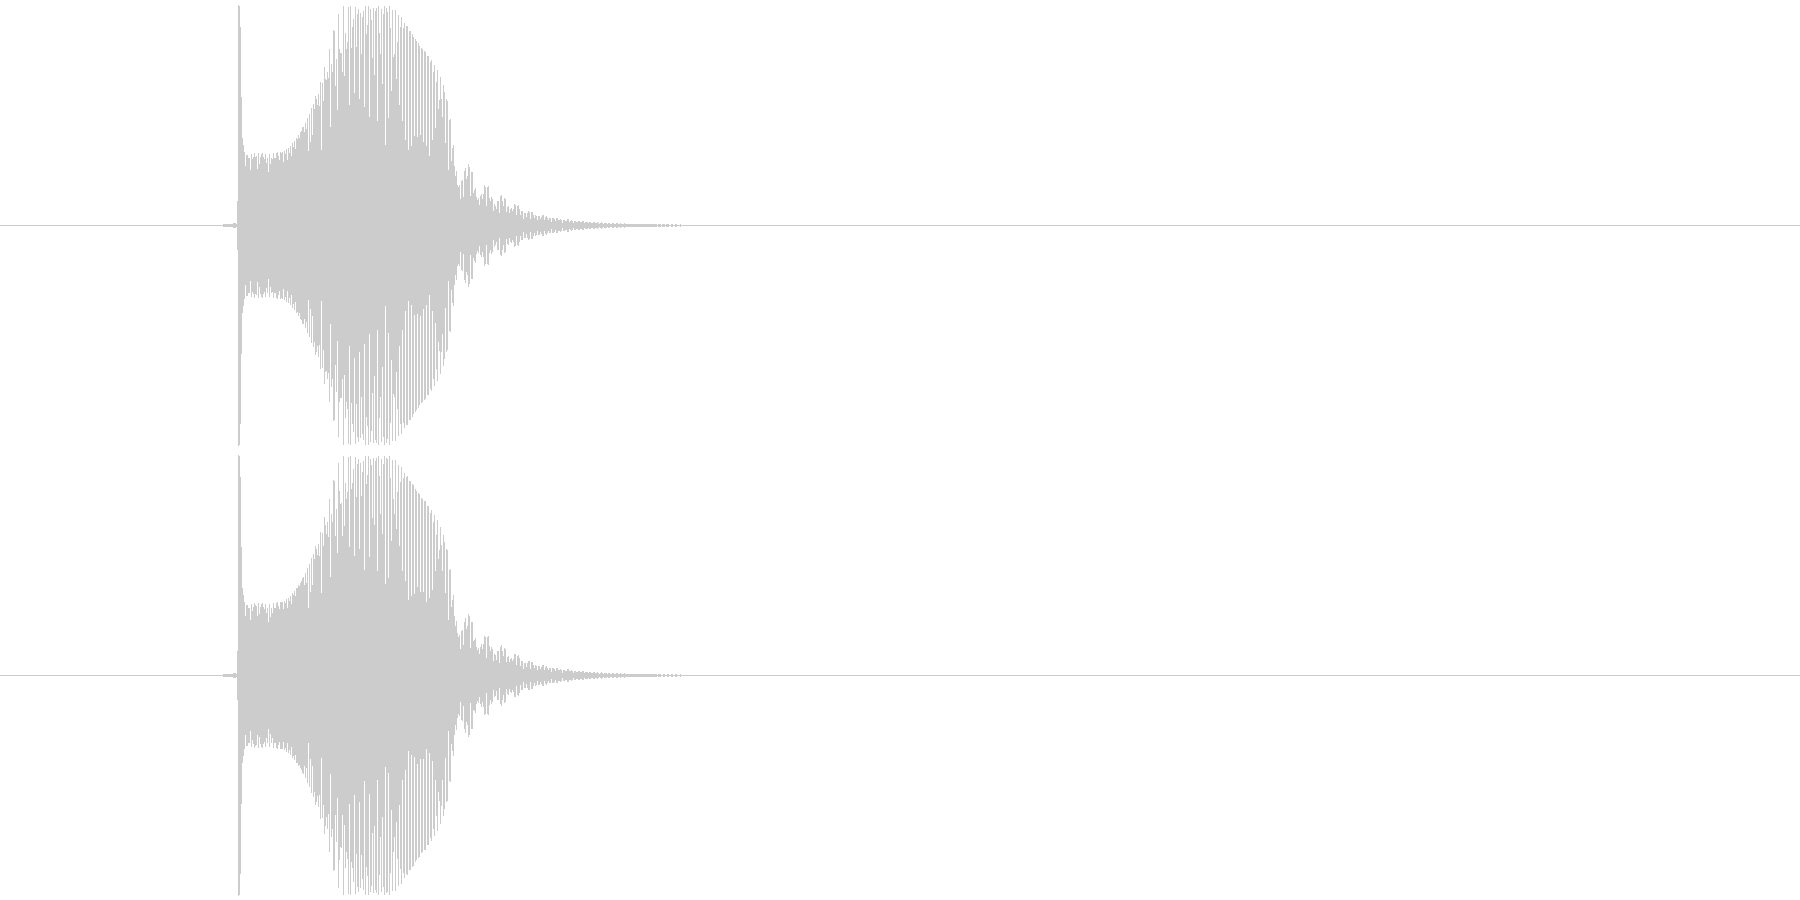 テュンッ  という感じの音。の未再生の波形